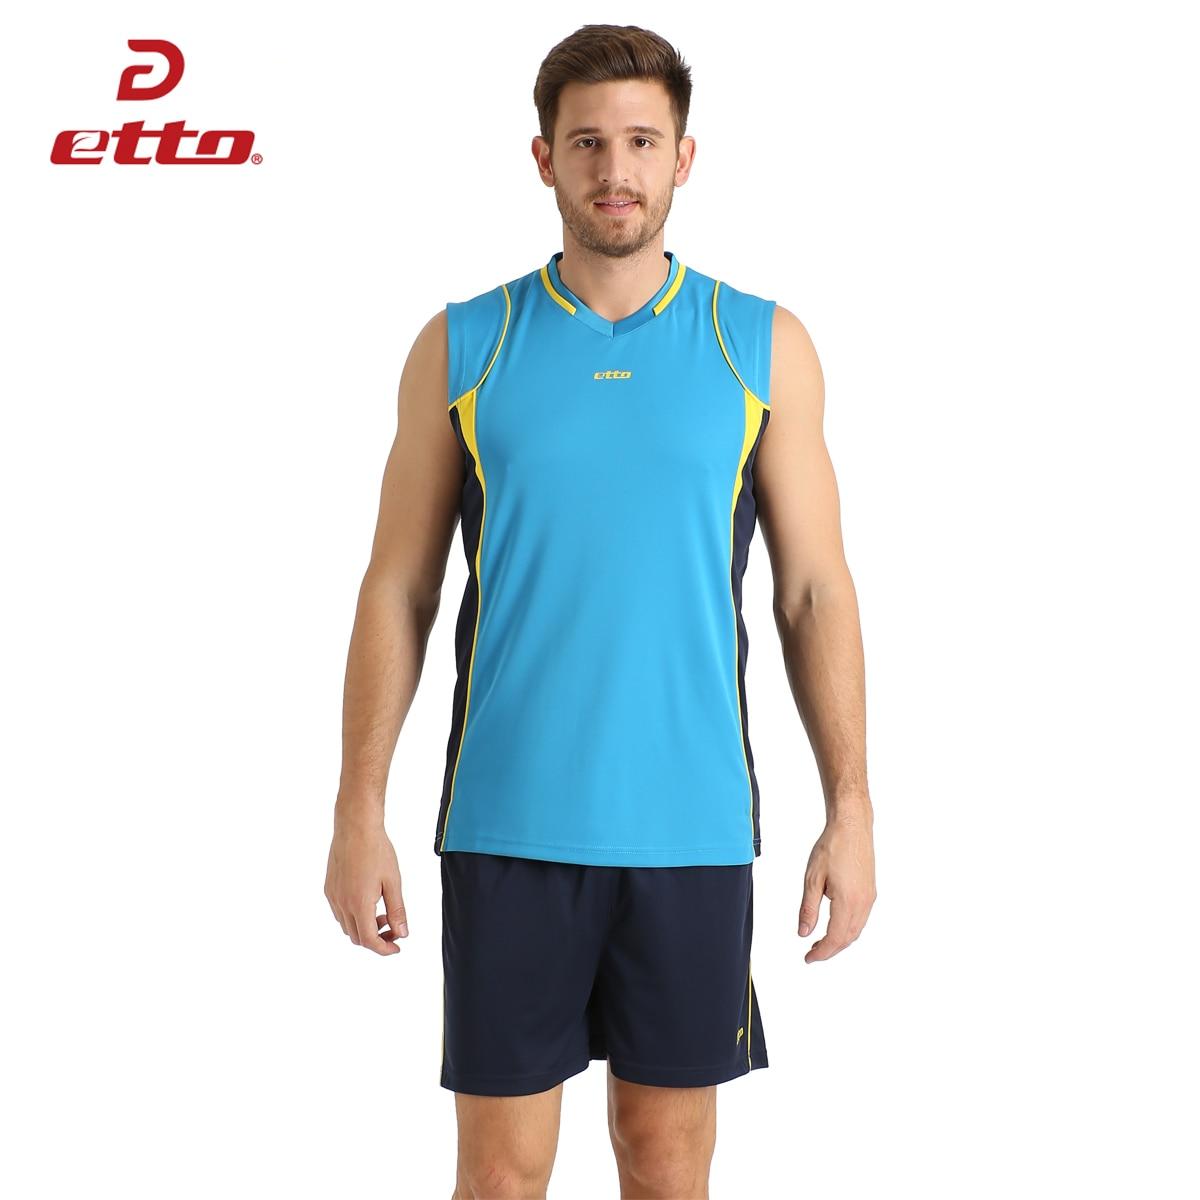 Etto Professional Men sin mangas conjunto de voleibol UNIFORMES DE EQUIPO transpirable de secado rápido voleibol Jersey traje ropa deportiva HXB002